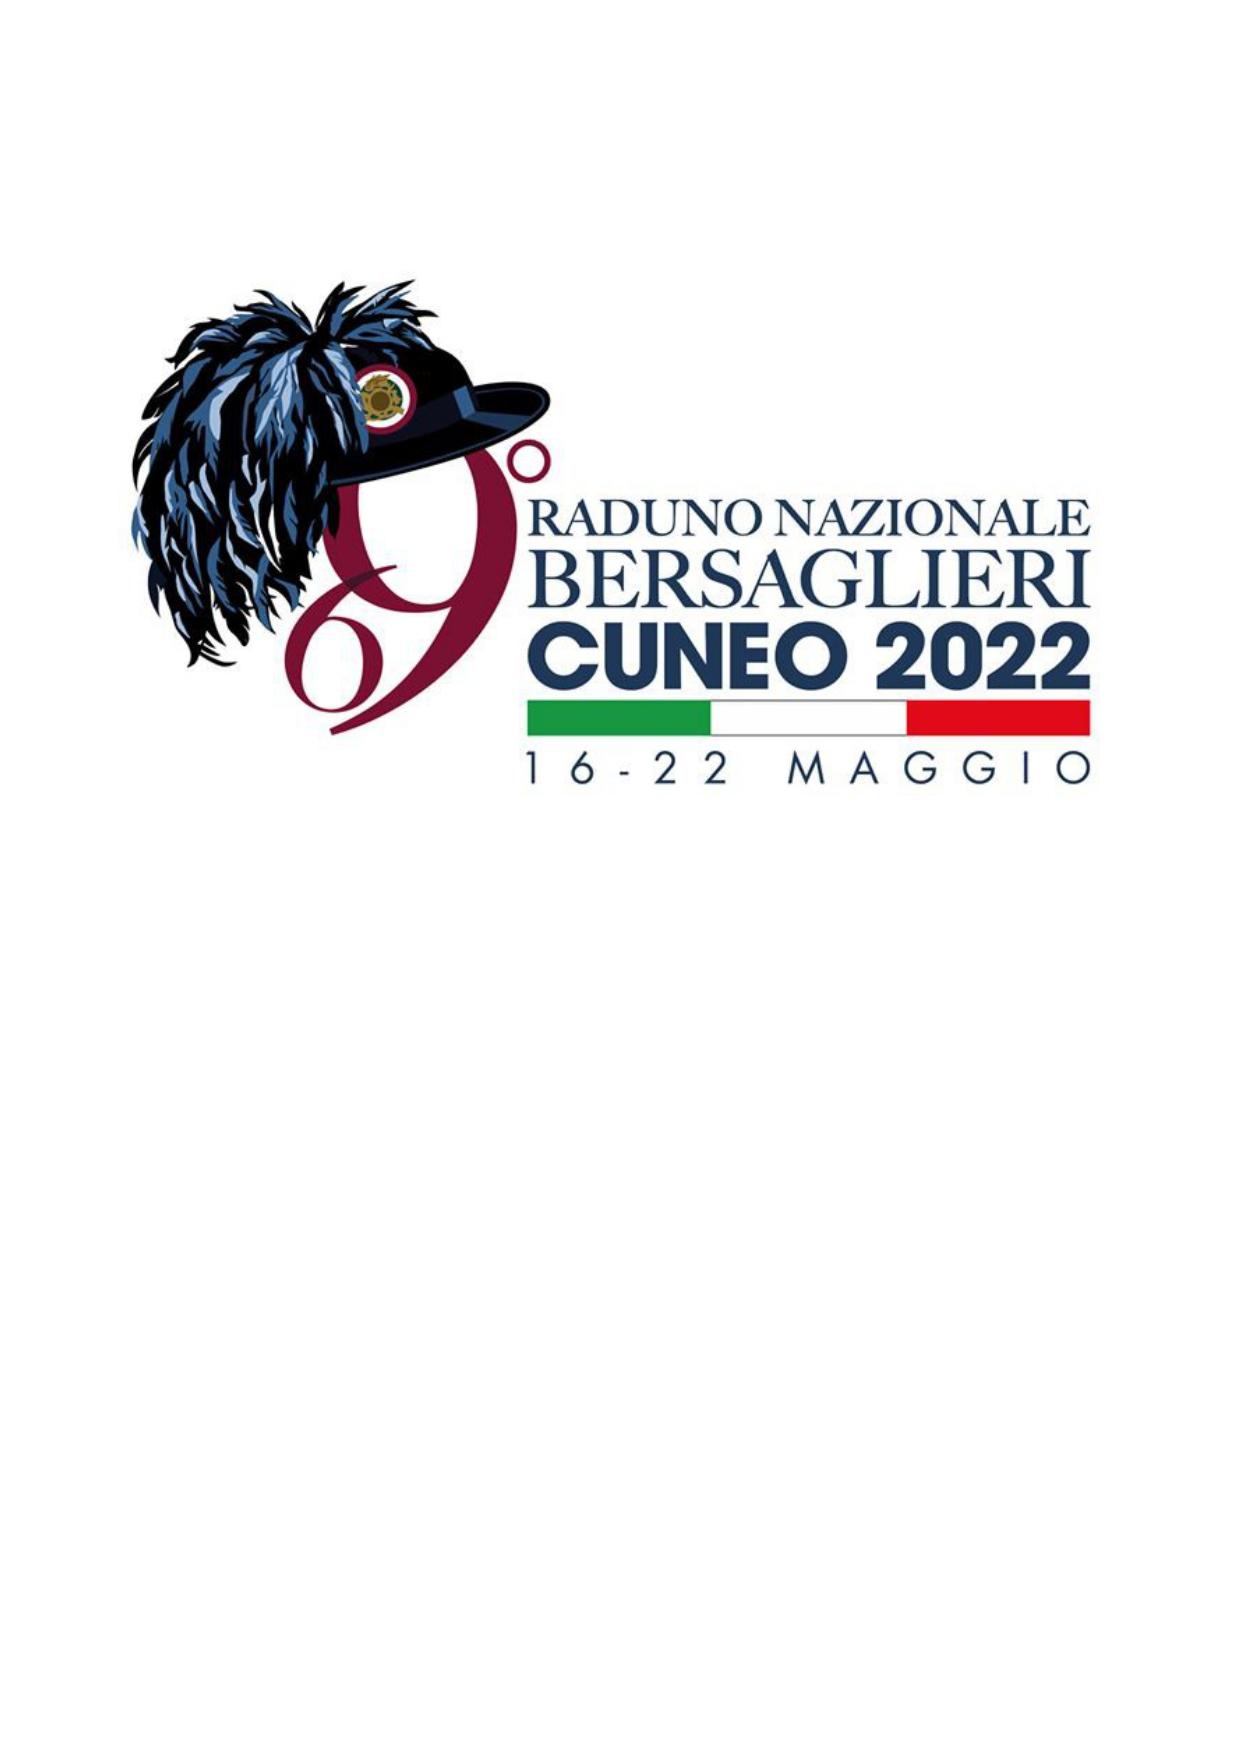 RADUNO NAZIONALE BERSAGLIERI CUNEO 2022